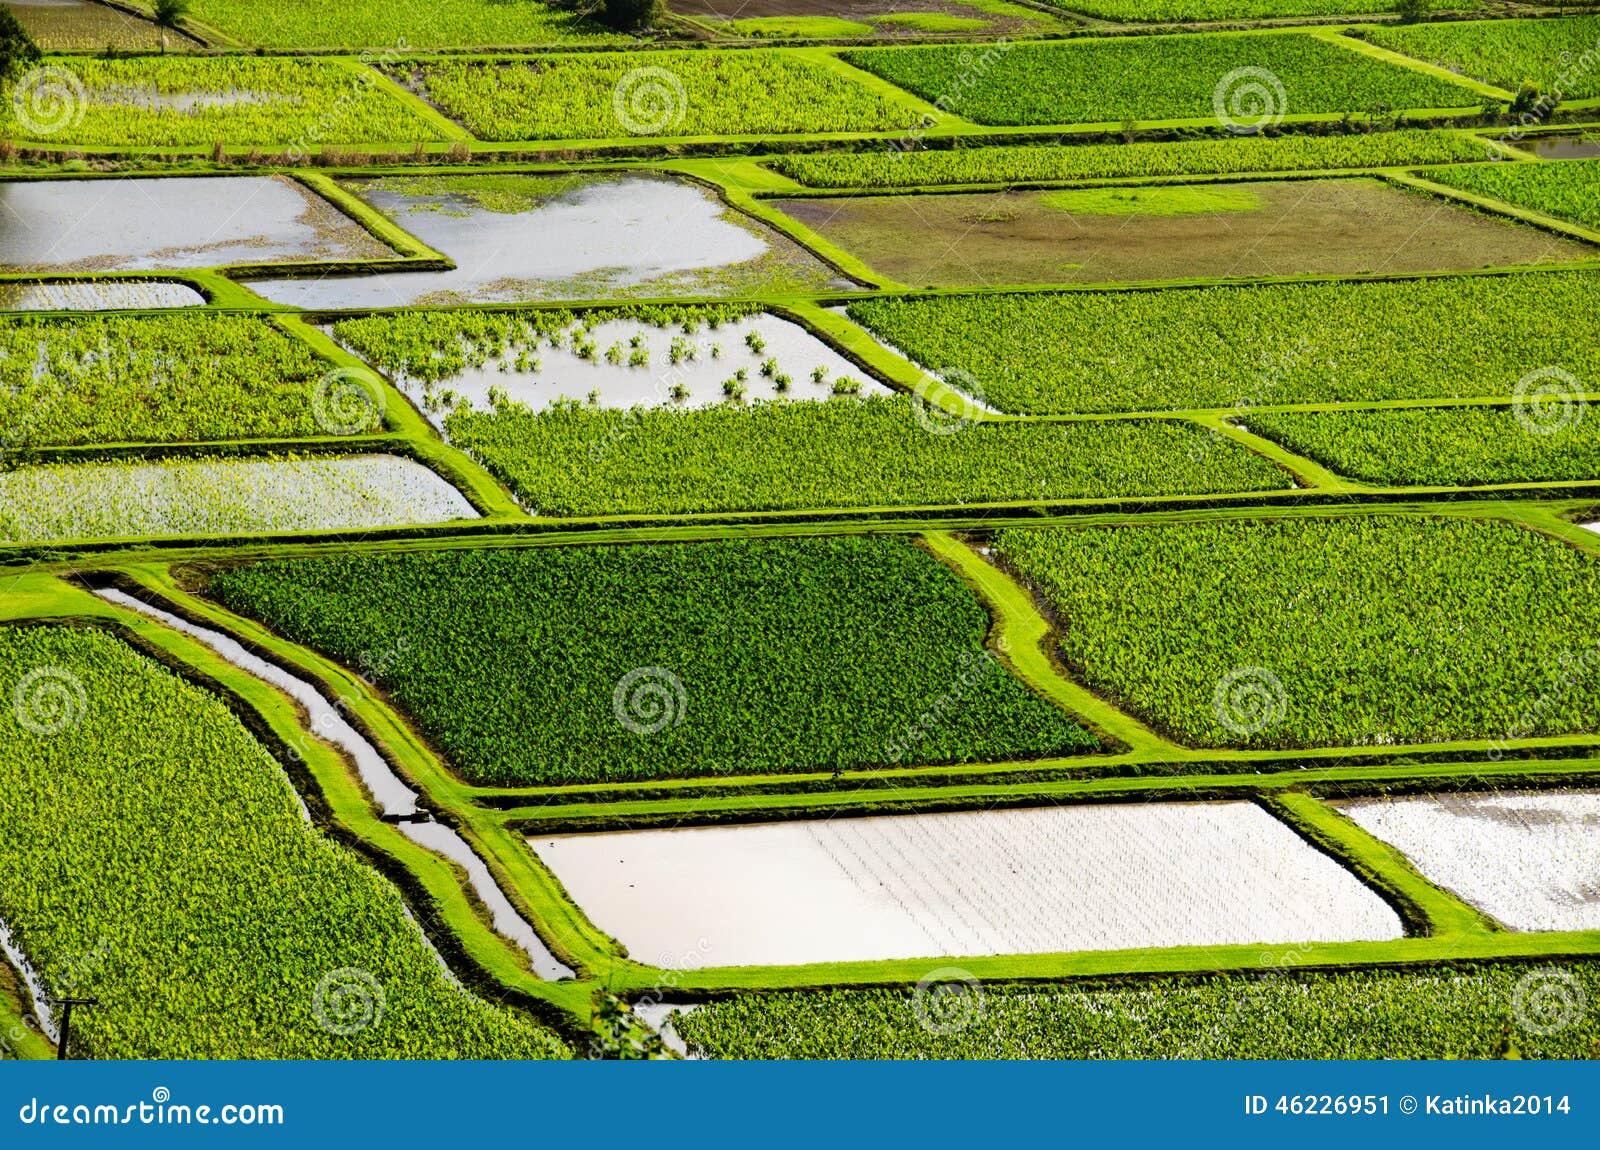 Taro paddy fields